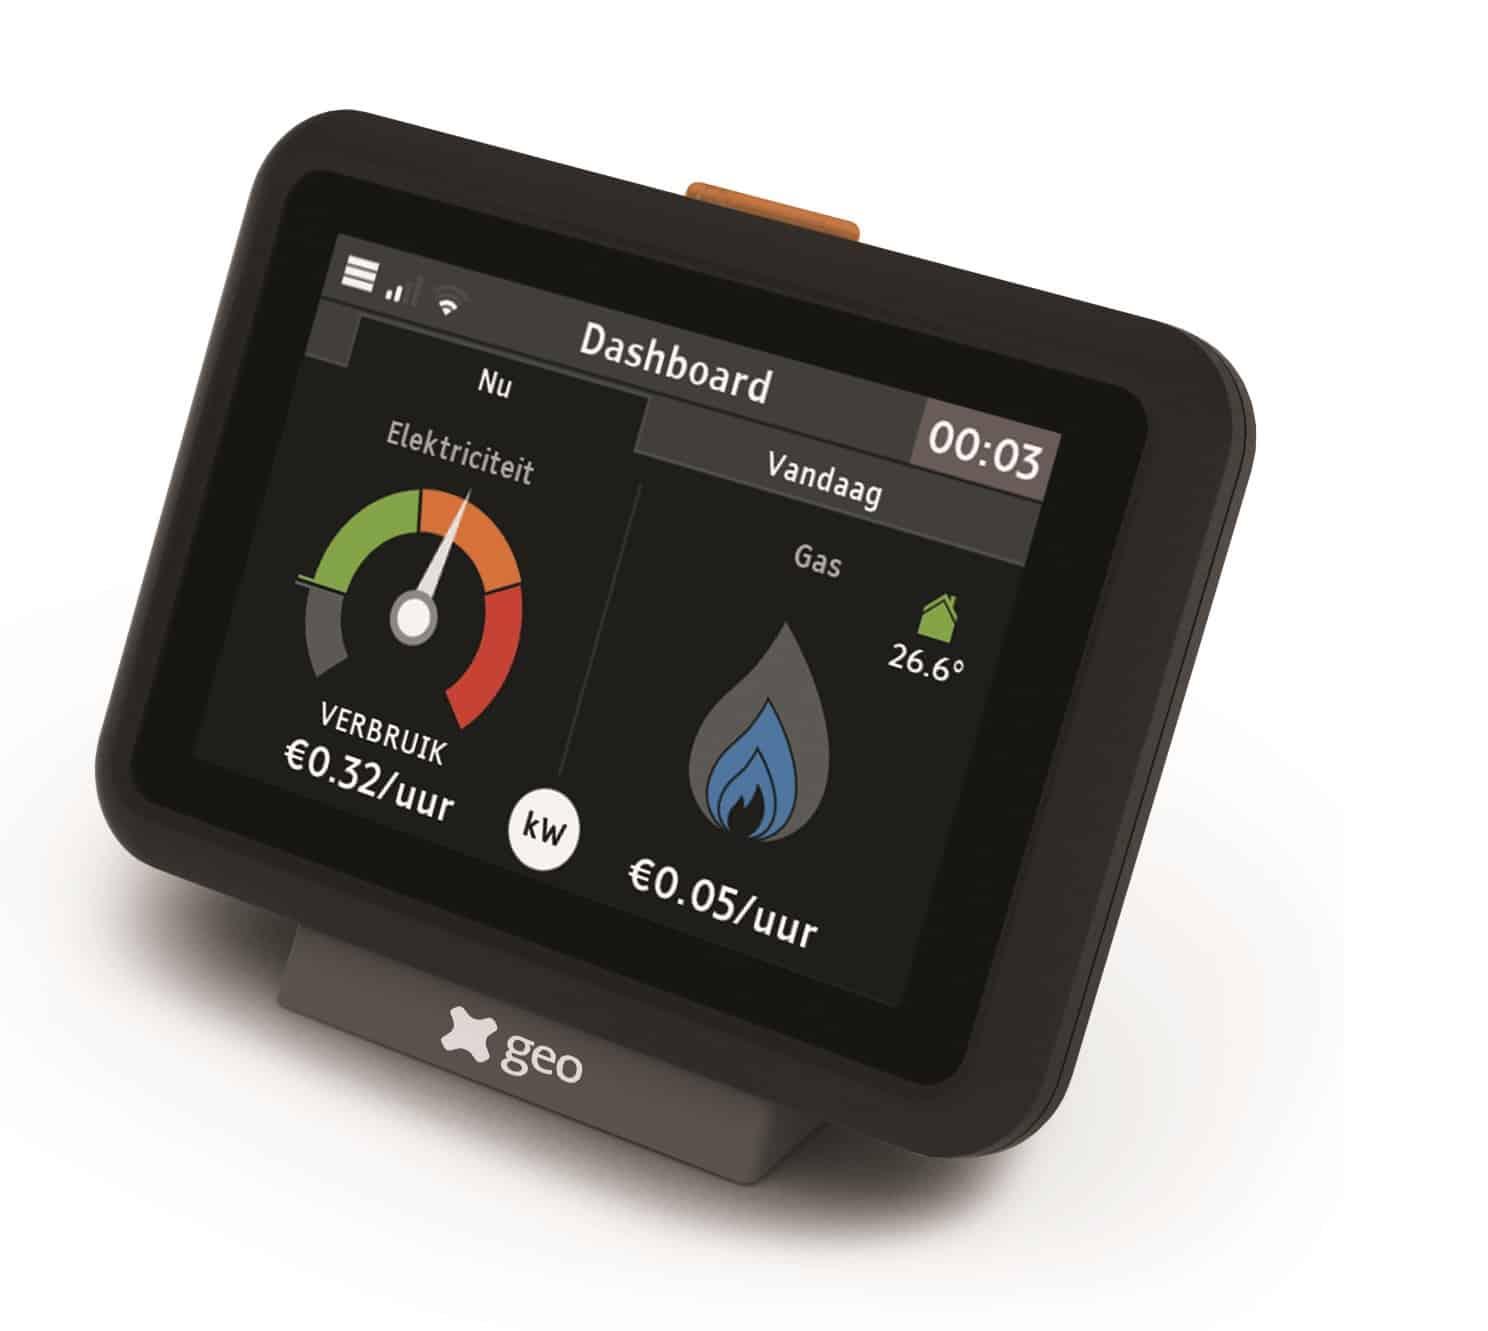 5% besparing mogelijk met energiedisplay